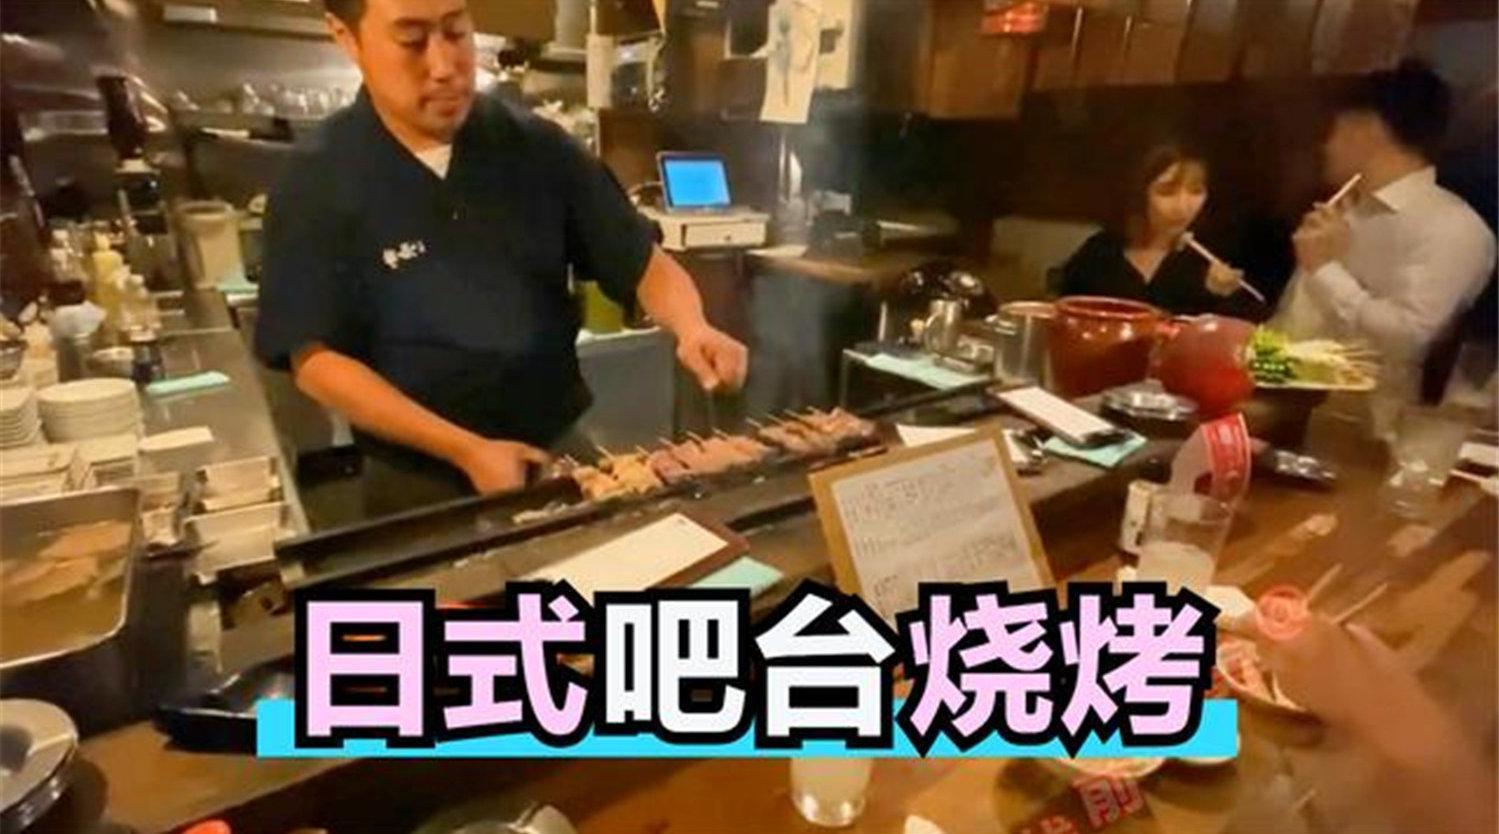 日本吧台烧烤,工作人员现场制作,童叟无欺